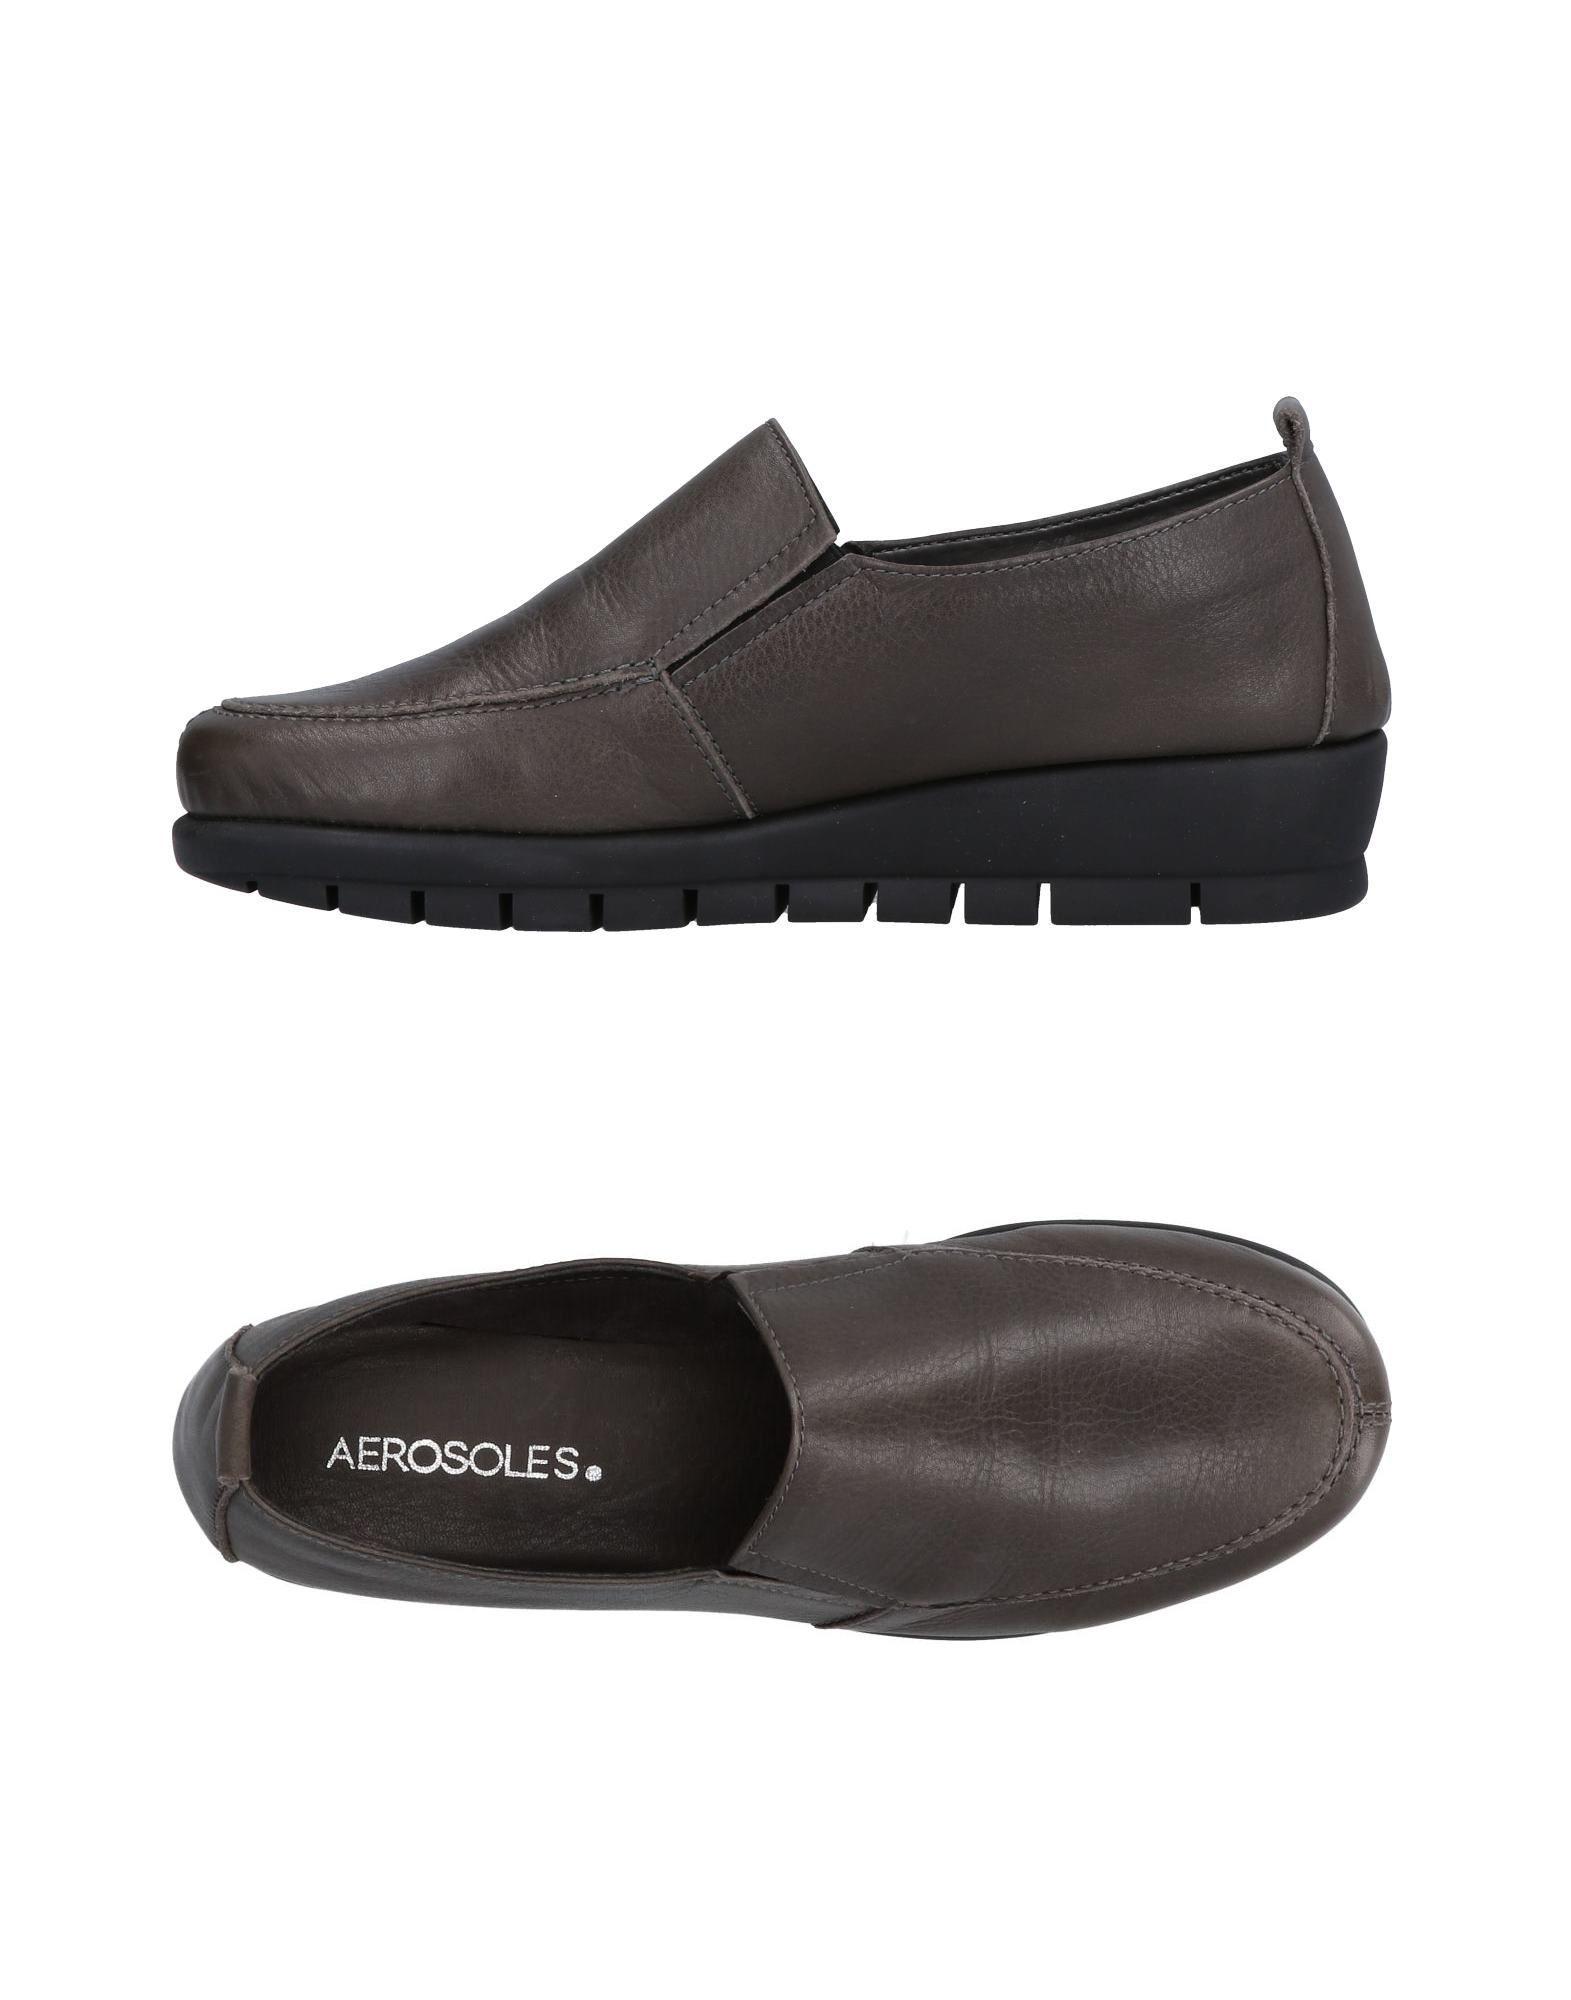 Sneakers Aerosoles Donna - 11485157QU Scarpe economiche e buone